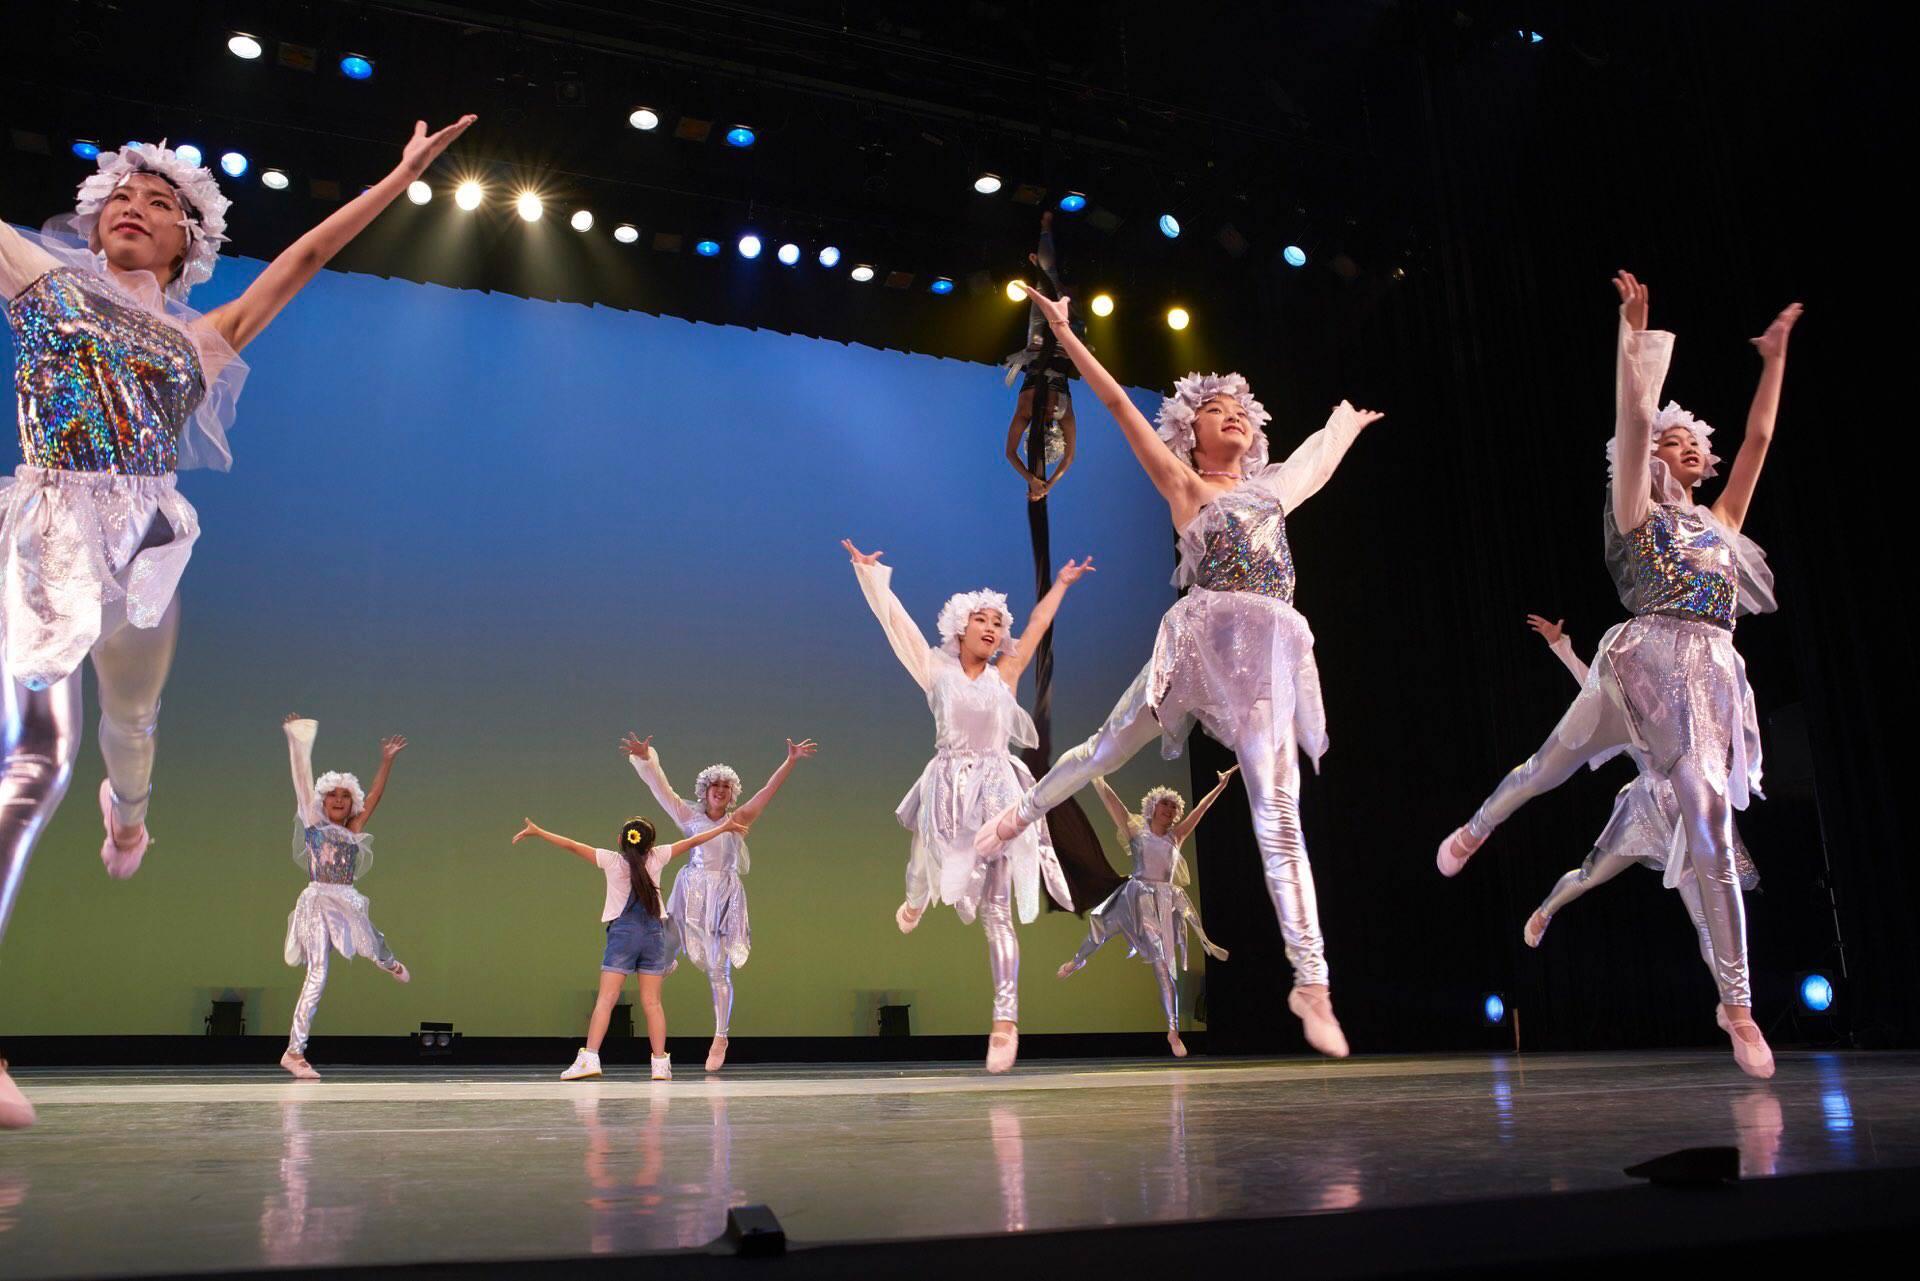 キッズダンスクラス「emo DANCE school」 たまプラーザ校